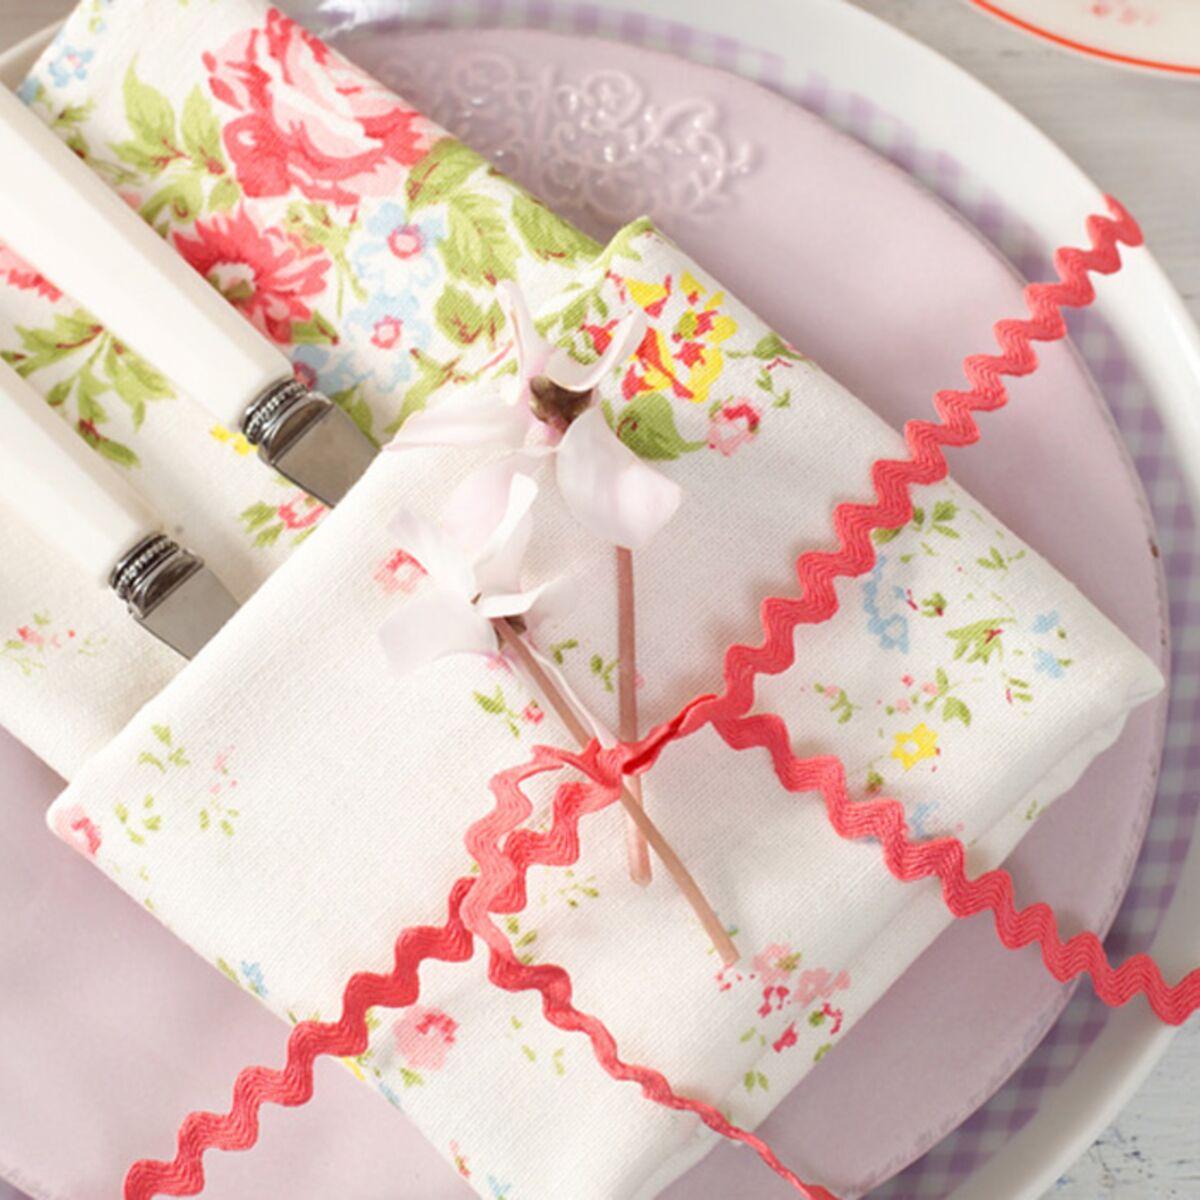 Pliage Serviette Papier Avec Couverts comment réaliser un pliage de serviette porte-couvert